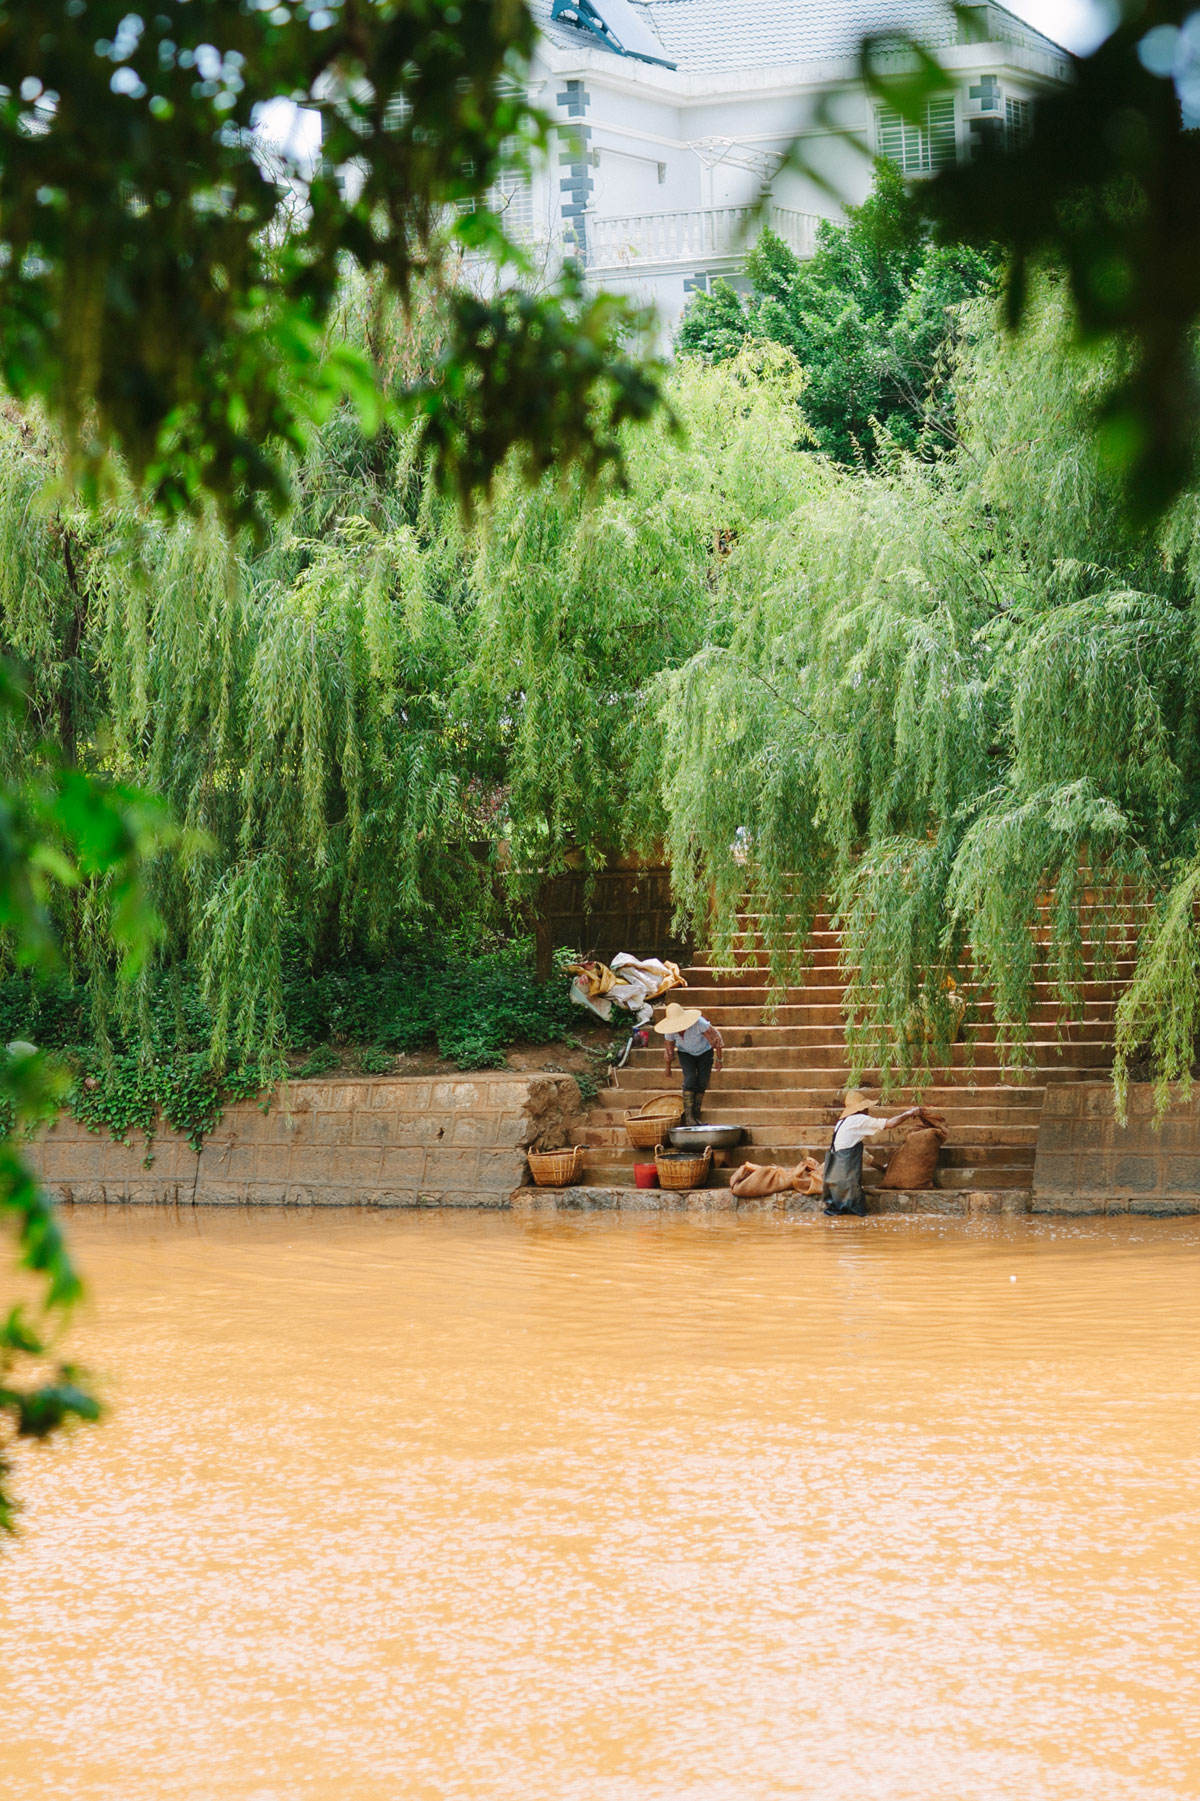 River_pt2-14.jpg